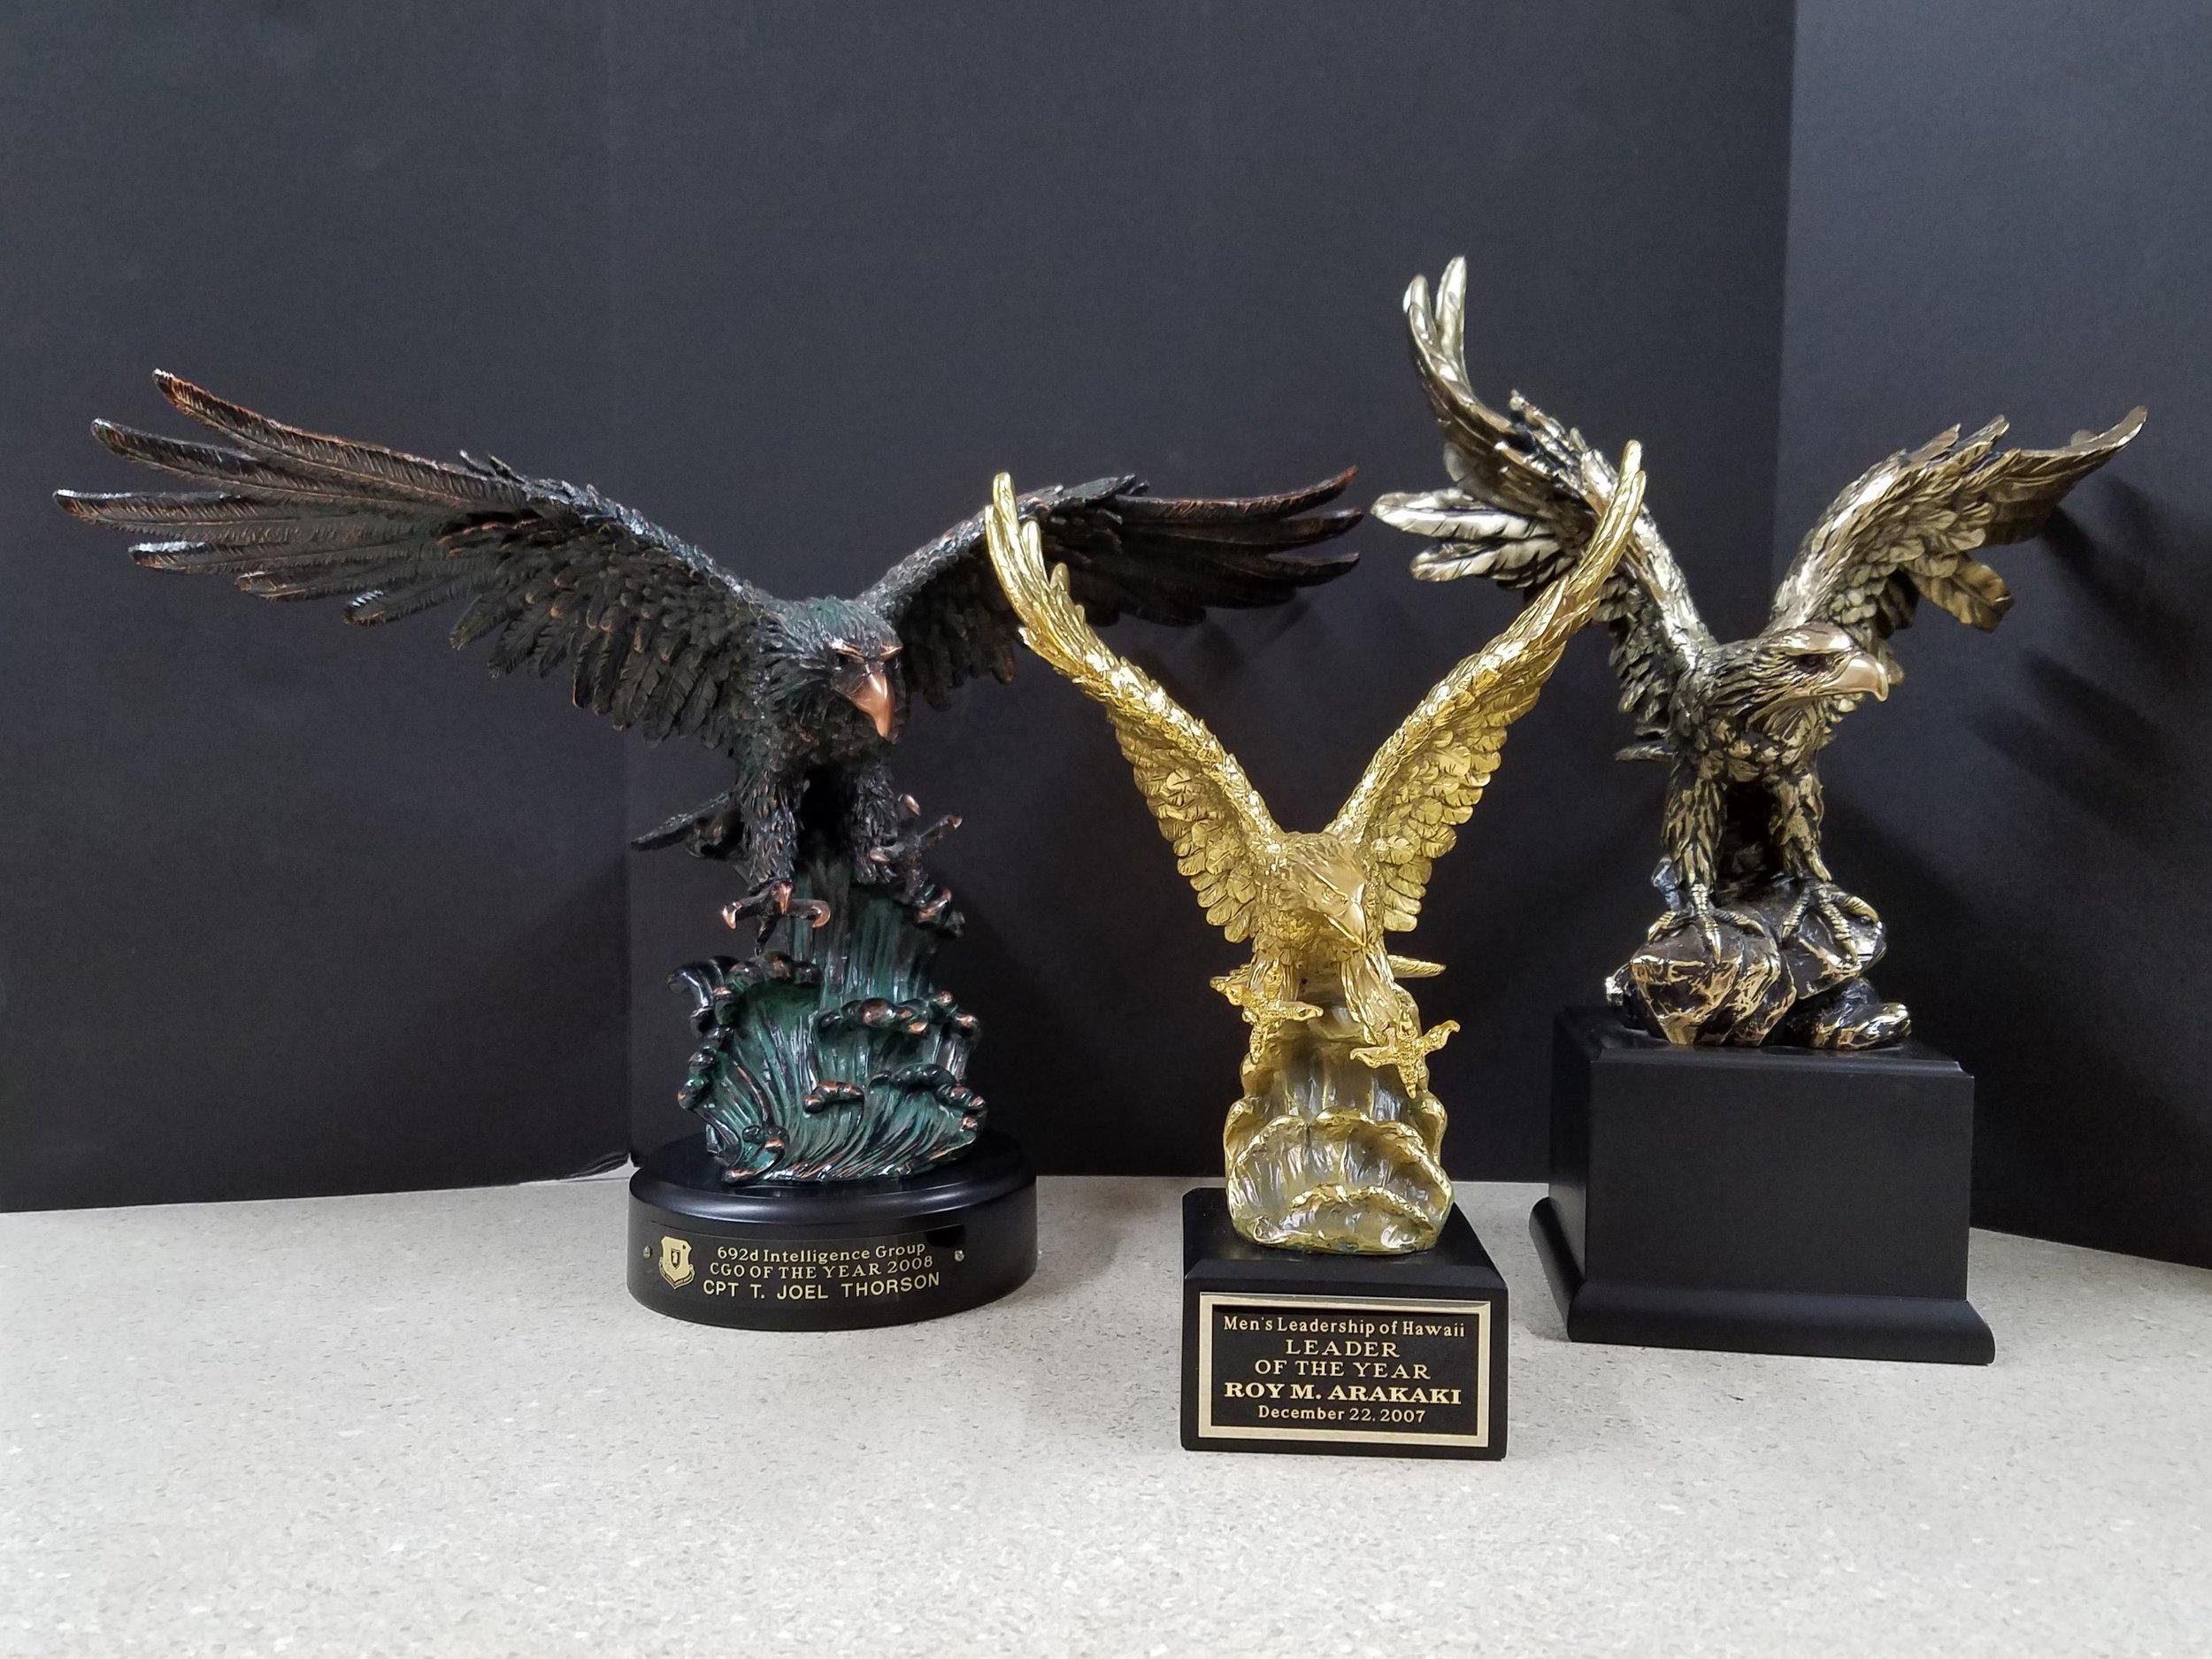 """EAGLE 3  (12"""") - 182.00,  EAGLE 4  (11"""") - 79.00,  EAGLE 5  (16"""") - 179.00"""